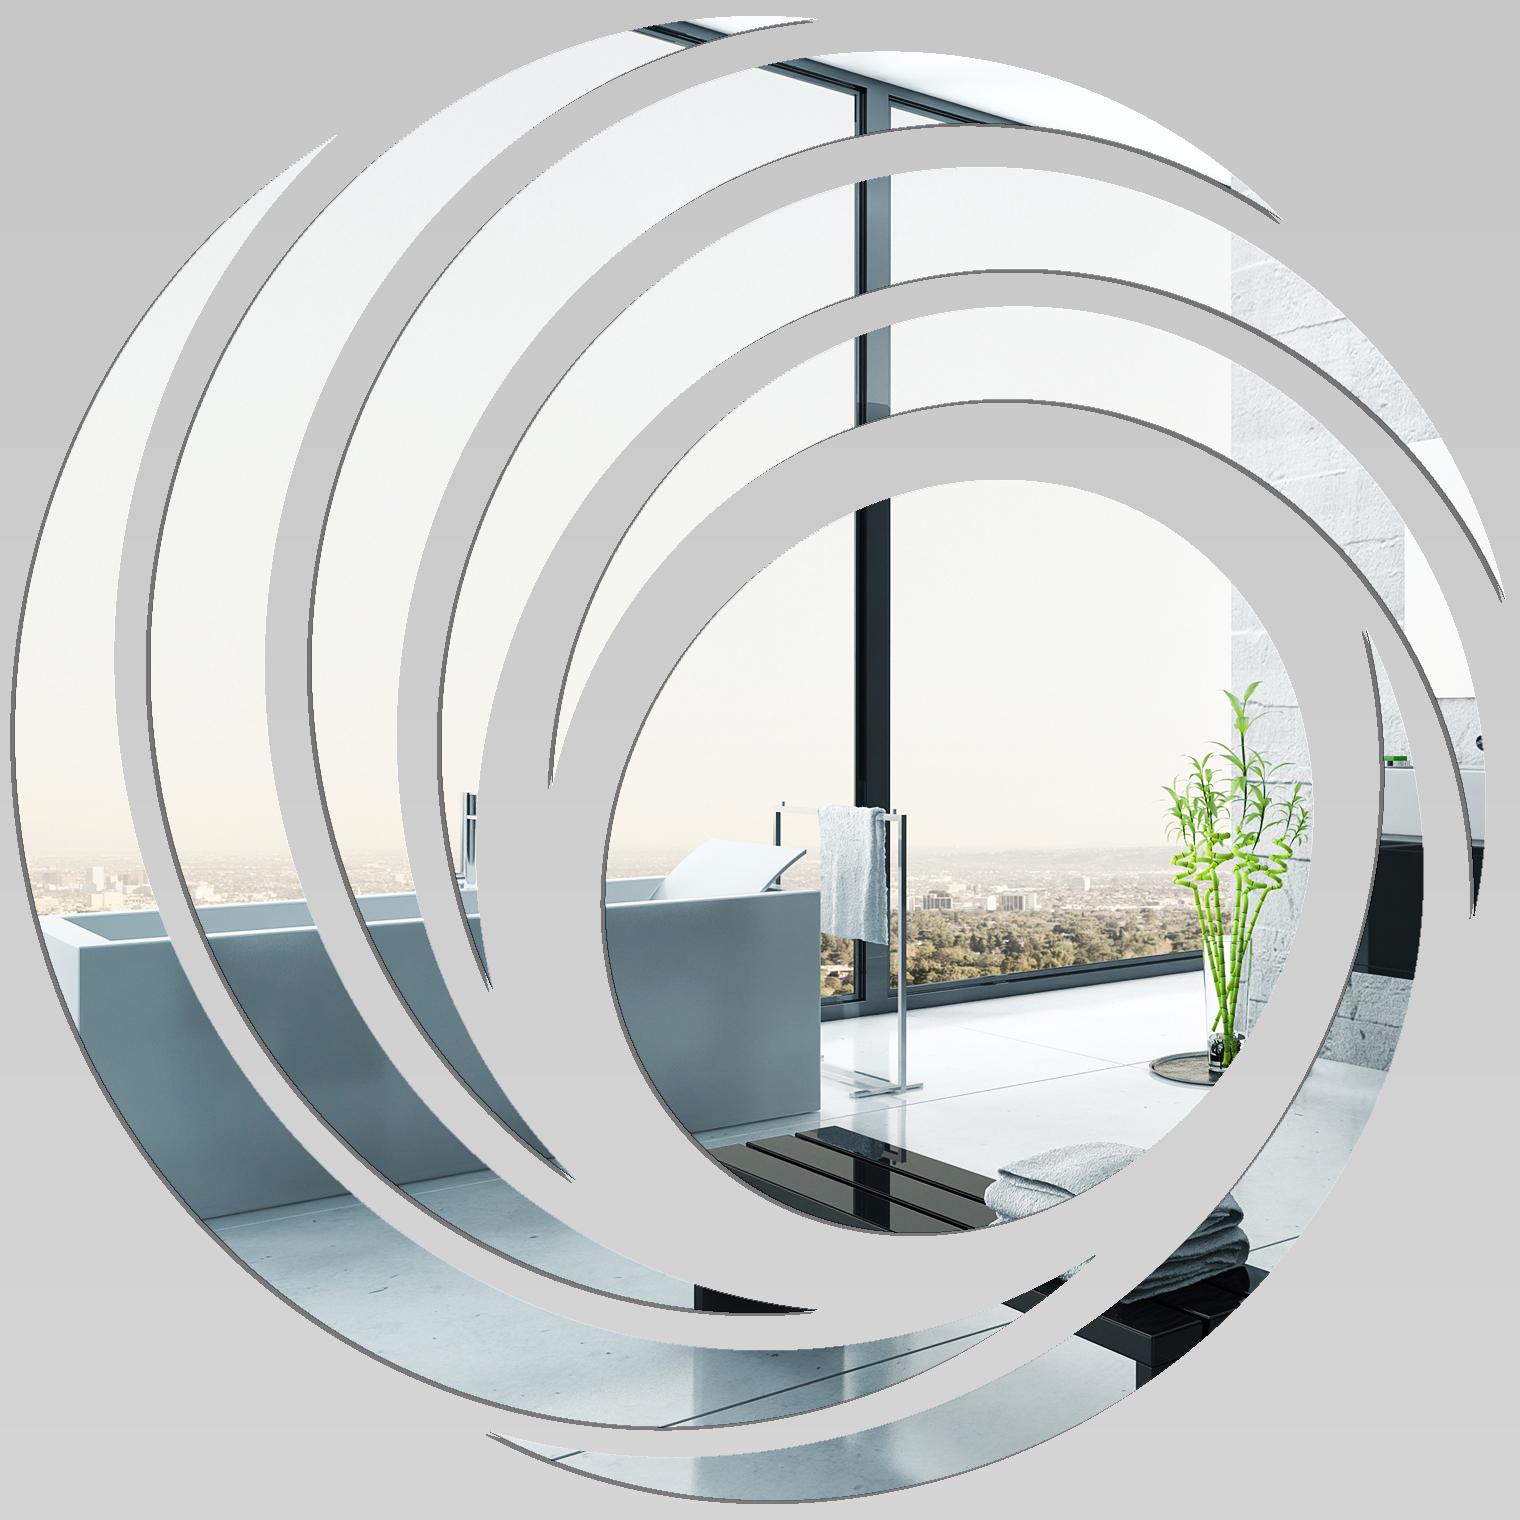 Adesivi follia specchio acrilico plexiglass spirali design - Specchio plexiglass prezzi ...